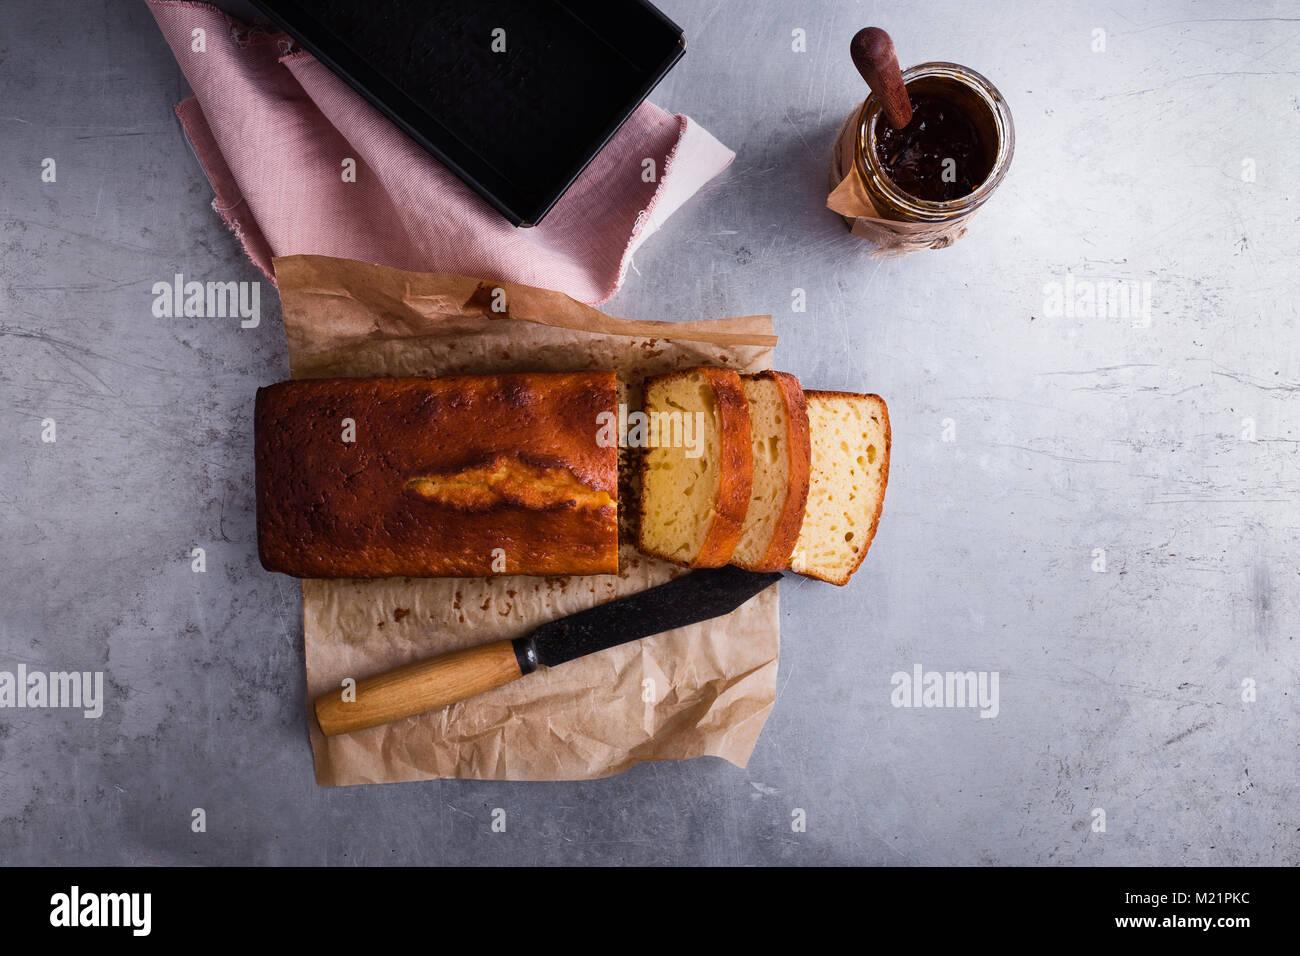 Quatre-quarts Maison sur papier cuisson servi avec confiture de fruits prêts à manger, vue du dessus Photo Stock